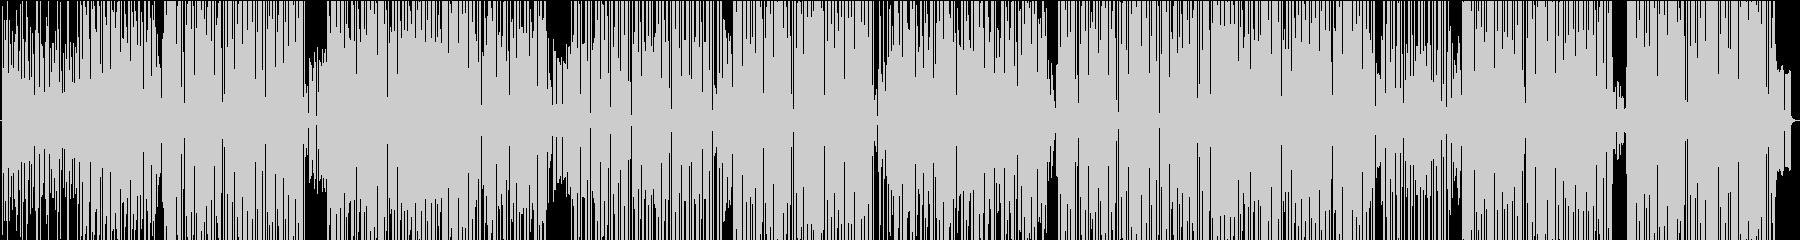 ファンキーなラテン系ストラットの未再生の波形